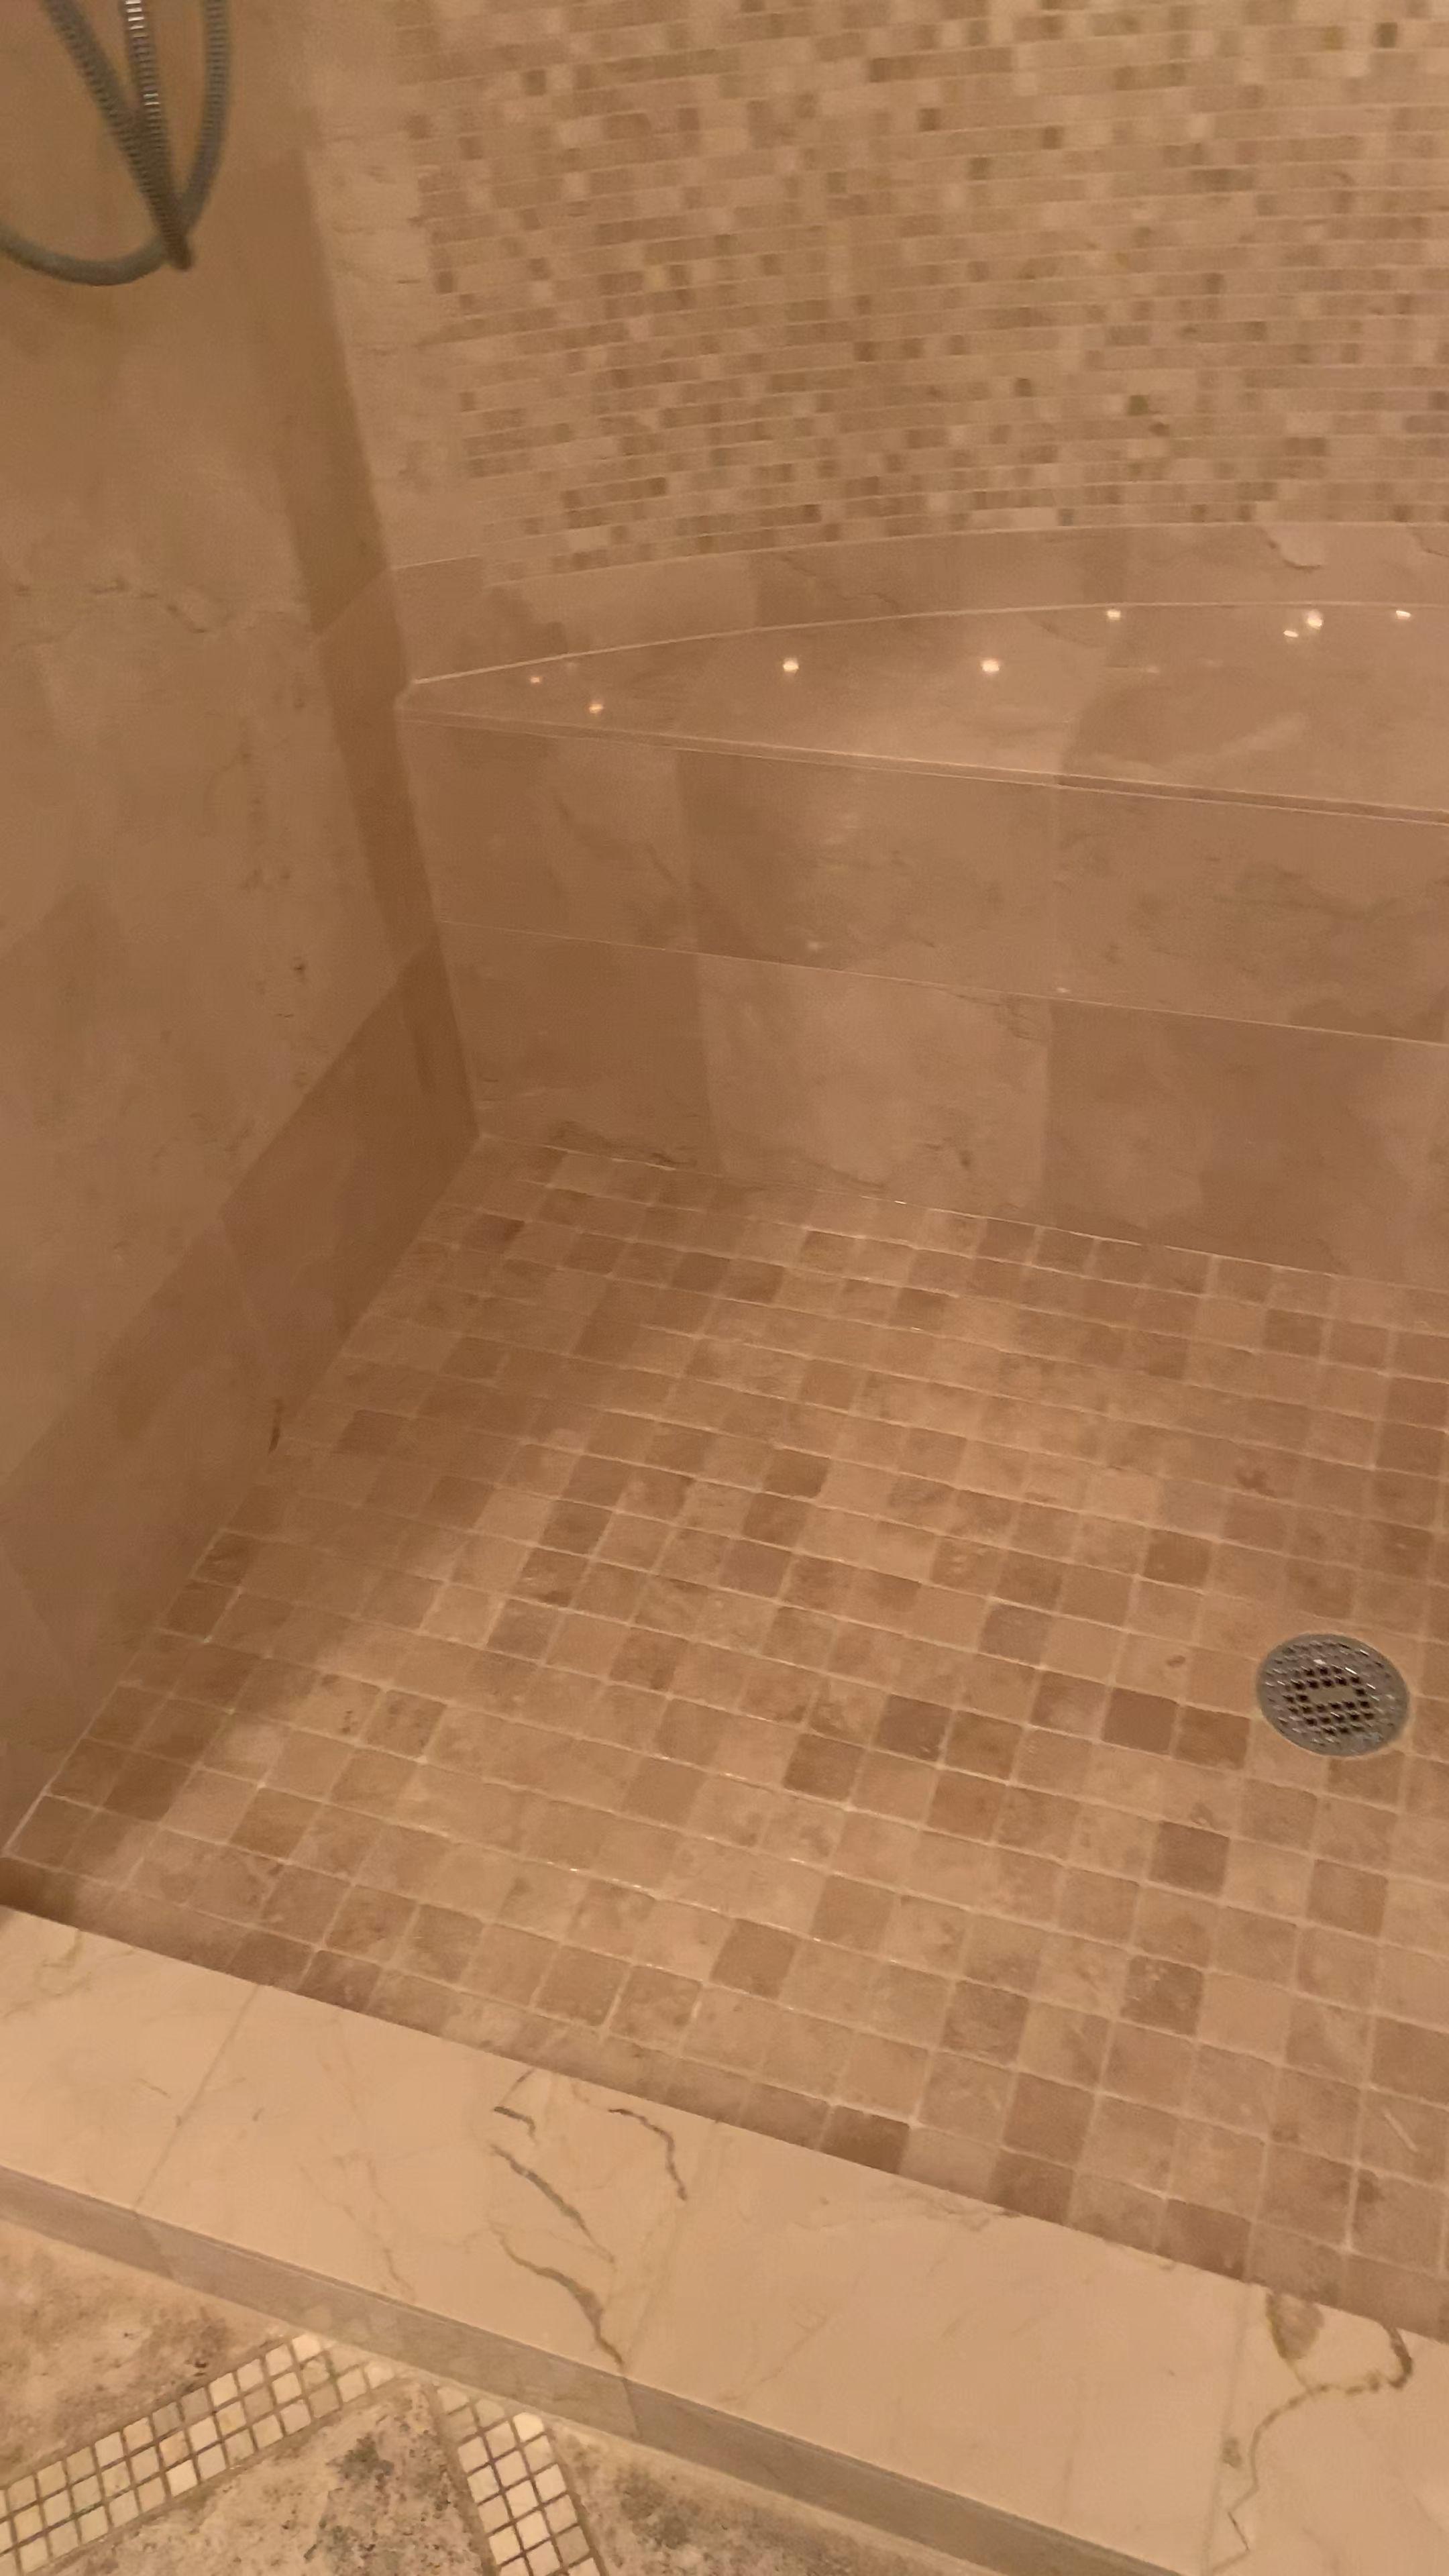 Showerpan Showerfloor Forbathroomtile Walk In Shower Shower Tile Bathroom Shower Tile